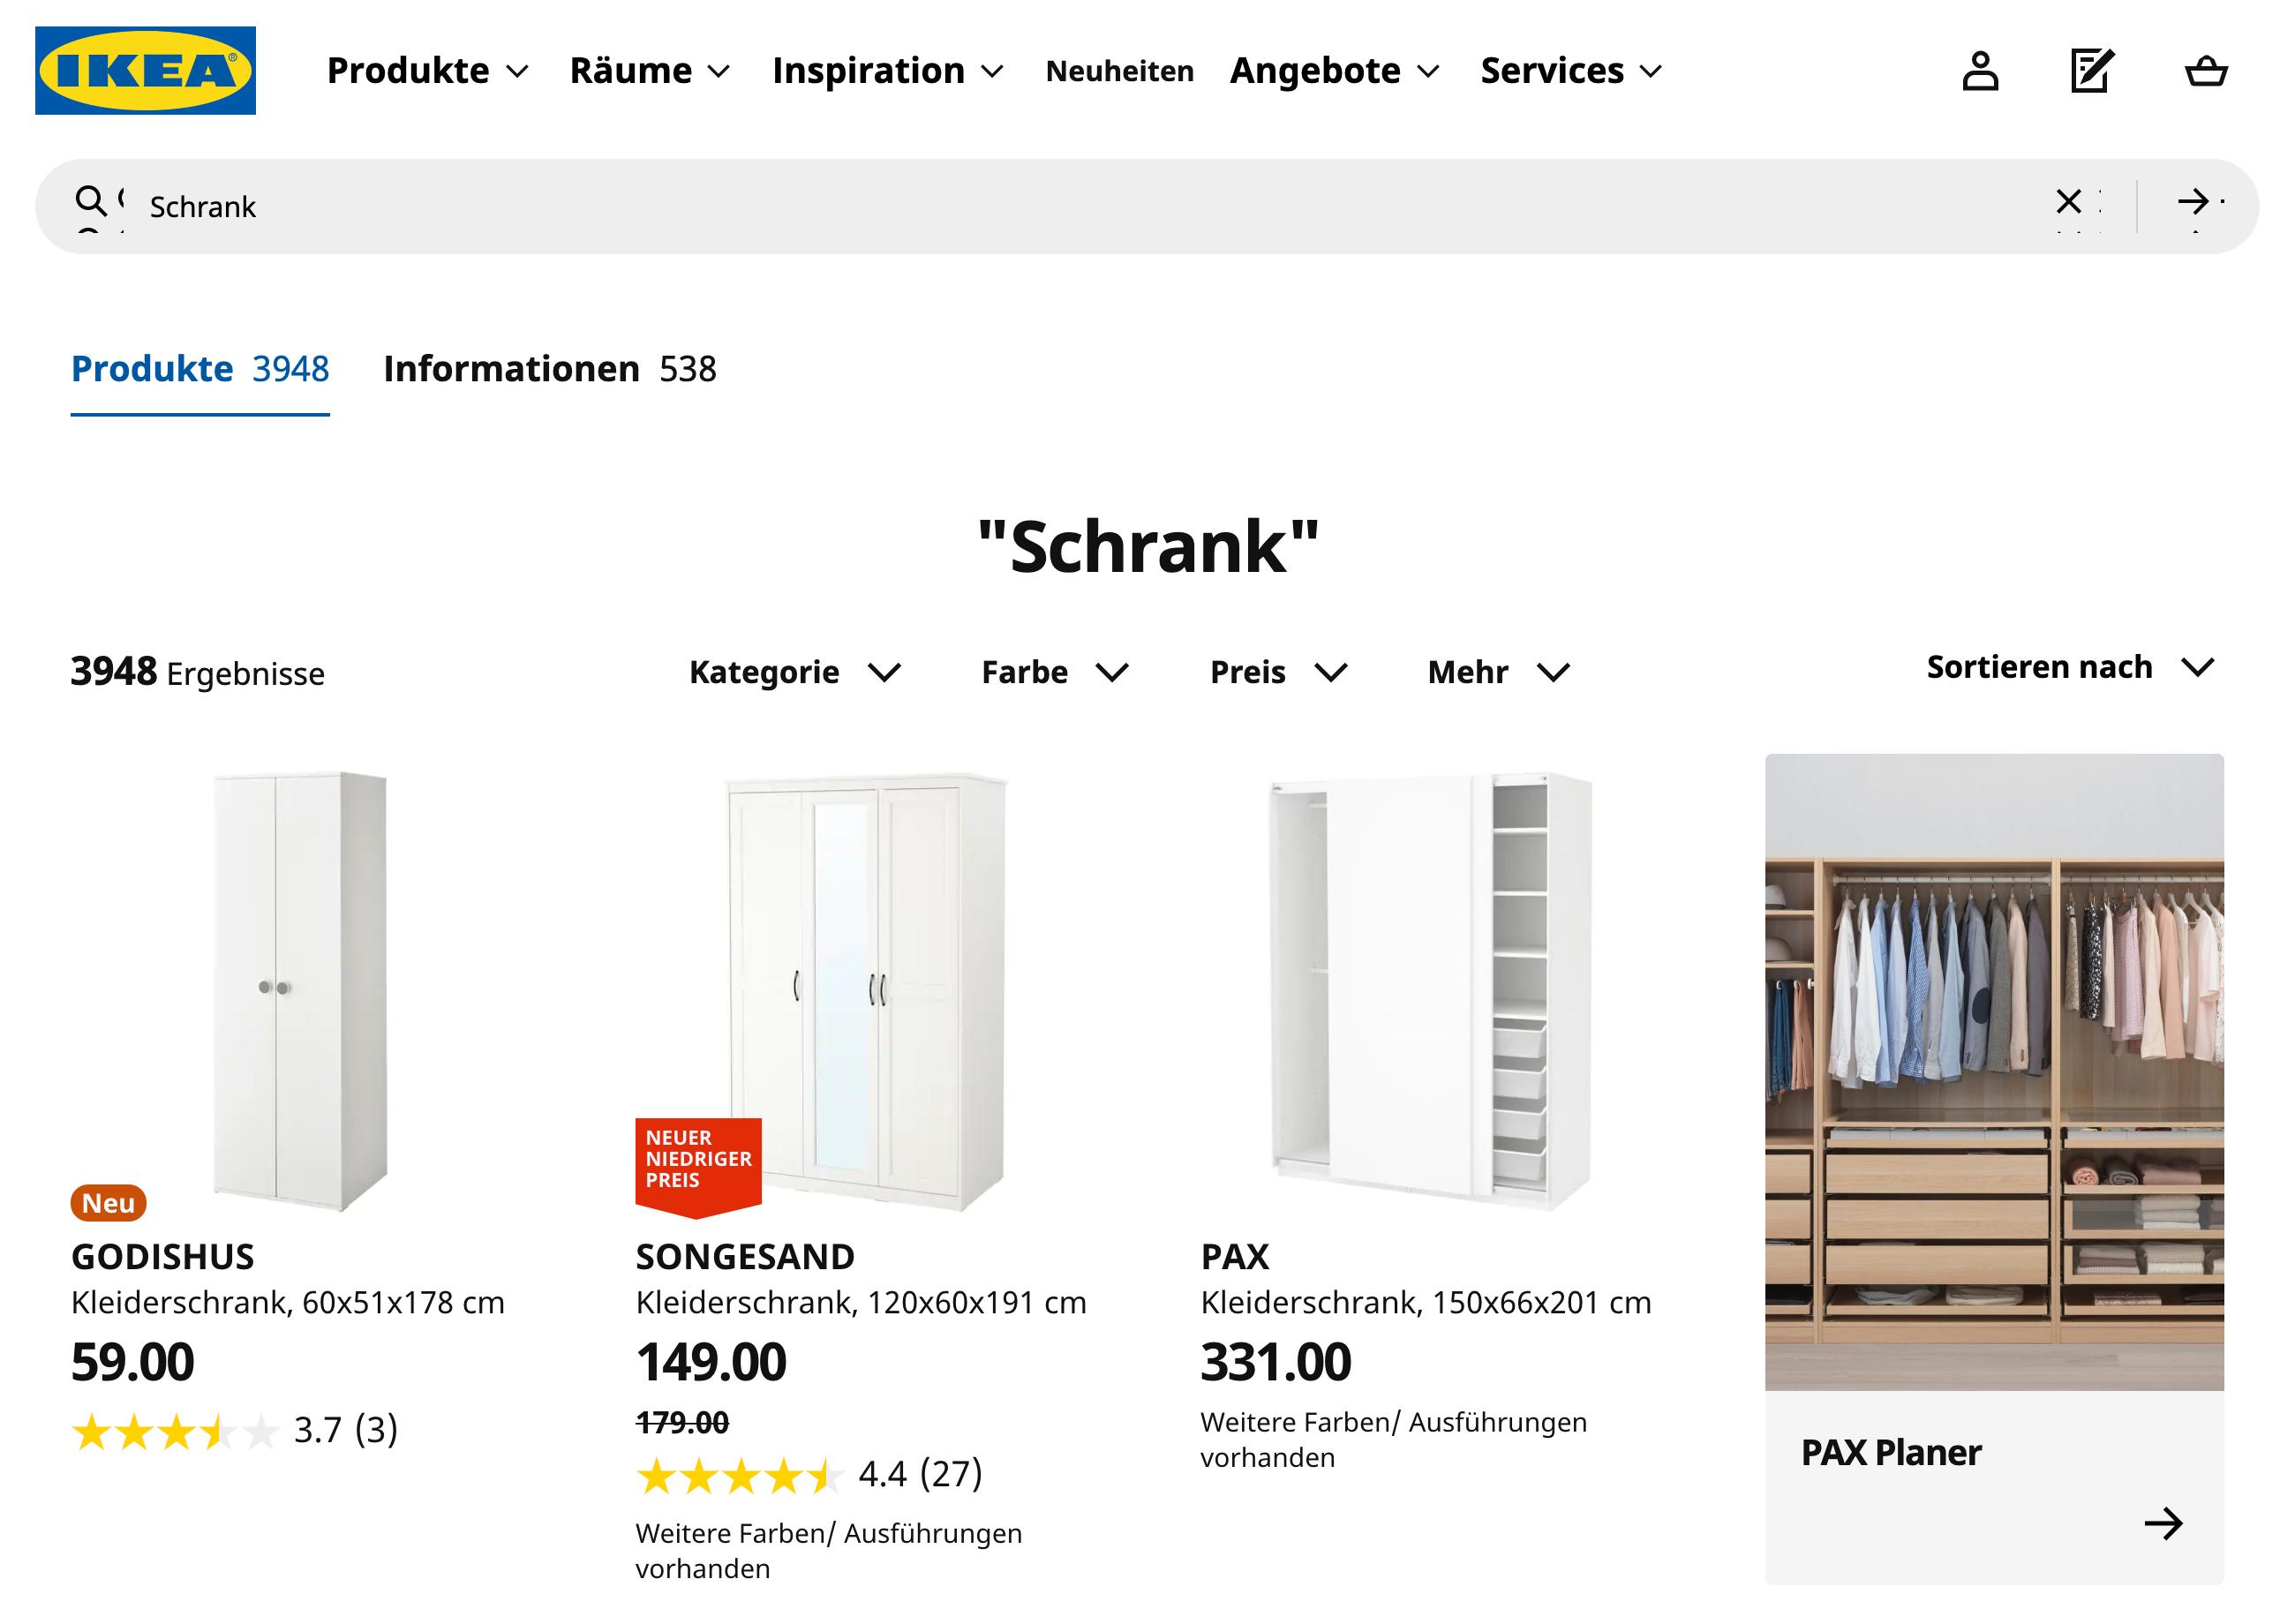 """Interen Suchergebnisse auf ikea.com für Deutschland und die Suche nach """"Schrank"""". Es werden 3948 Ergebnisse gefunden."""